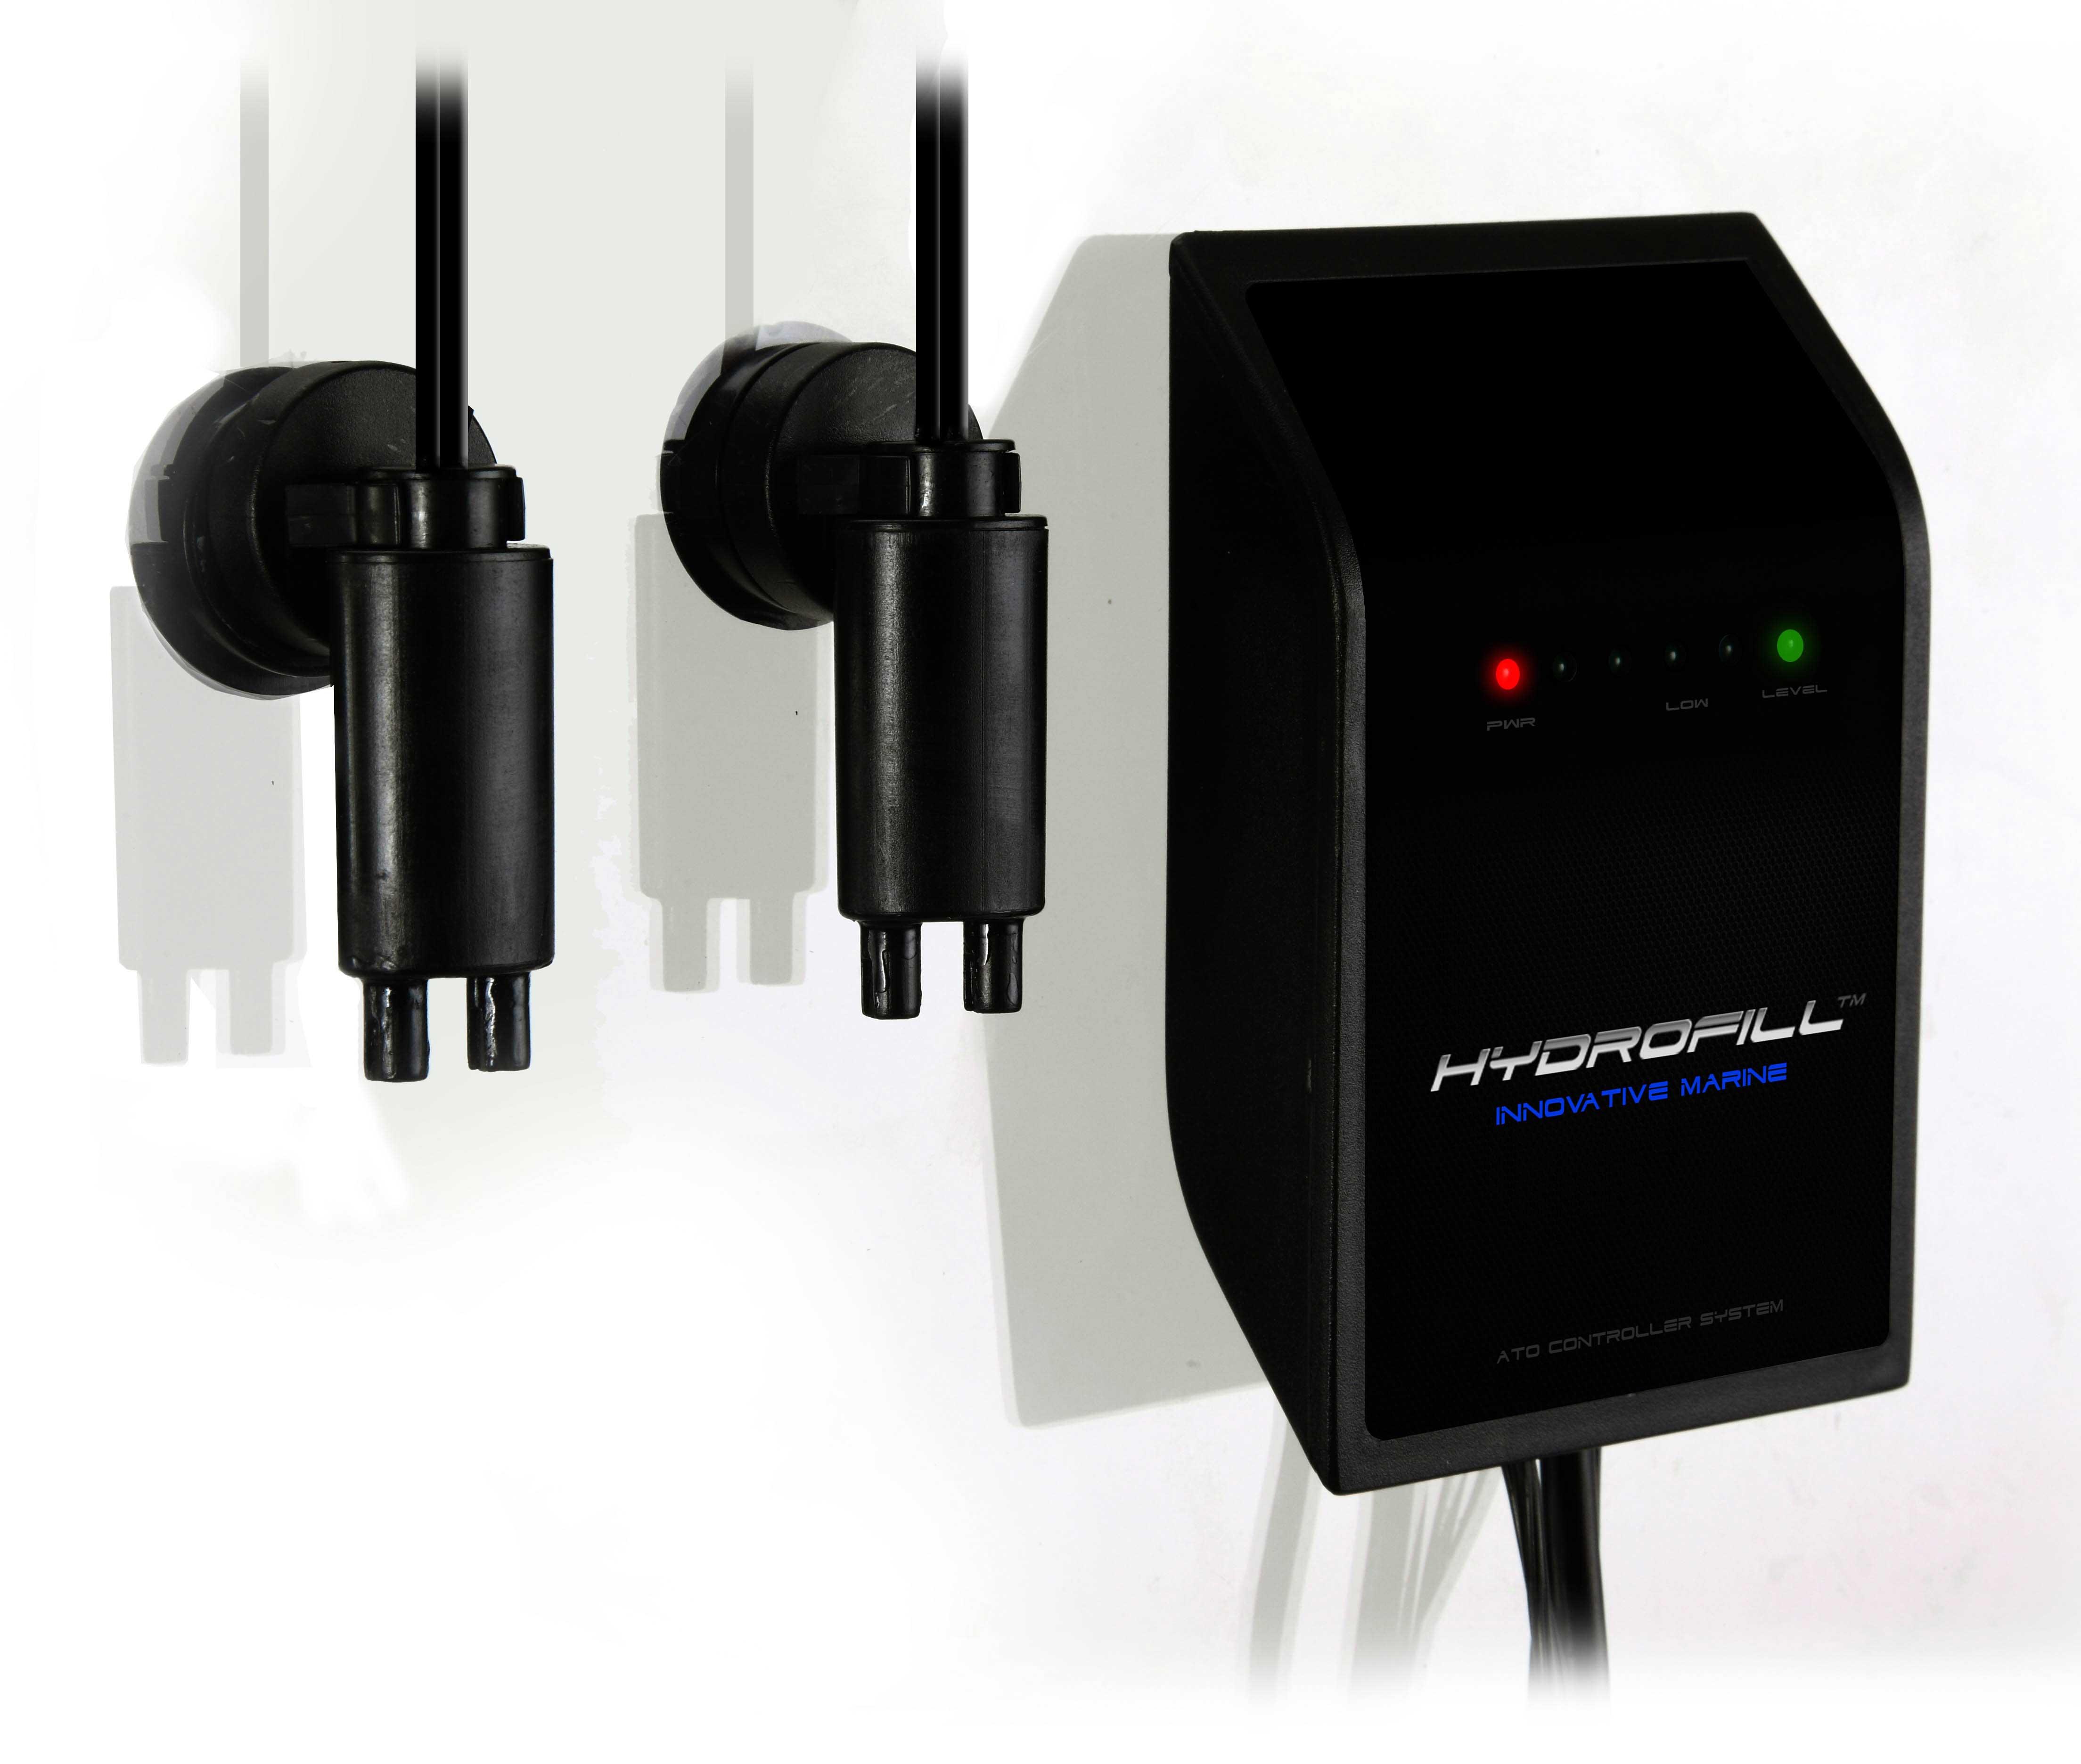 IM Hydrofill ATO Controller System